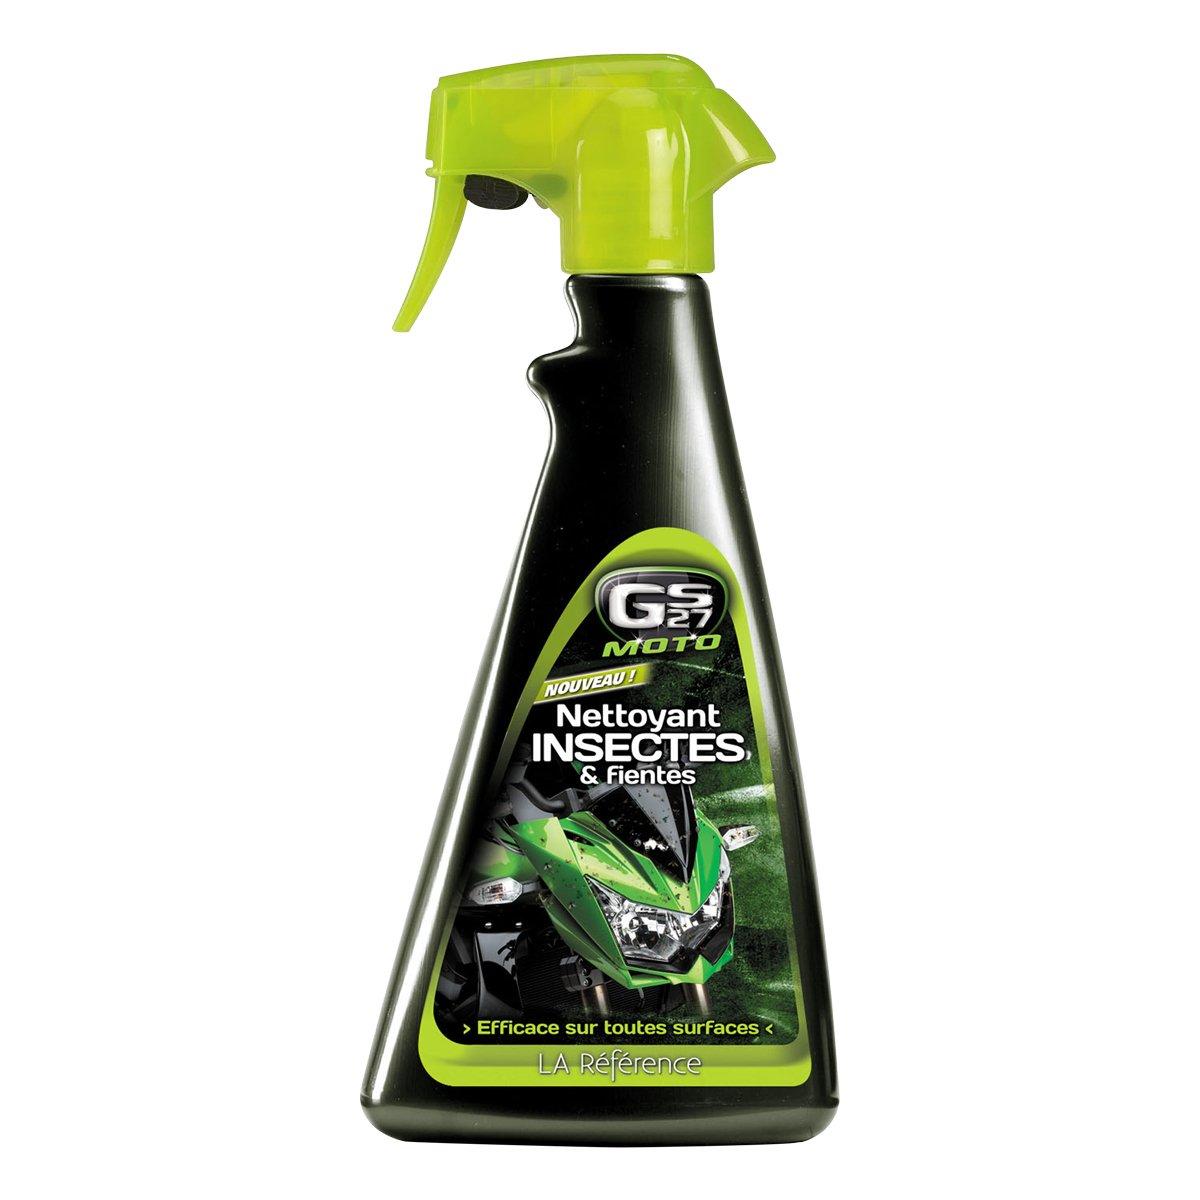 GS27 760023 Nettoyant Insectes fientes Chollet SAS S202134